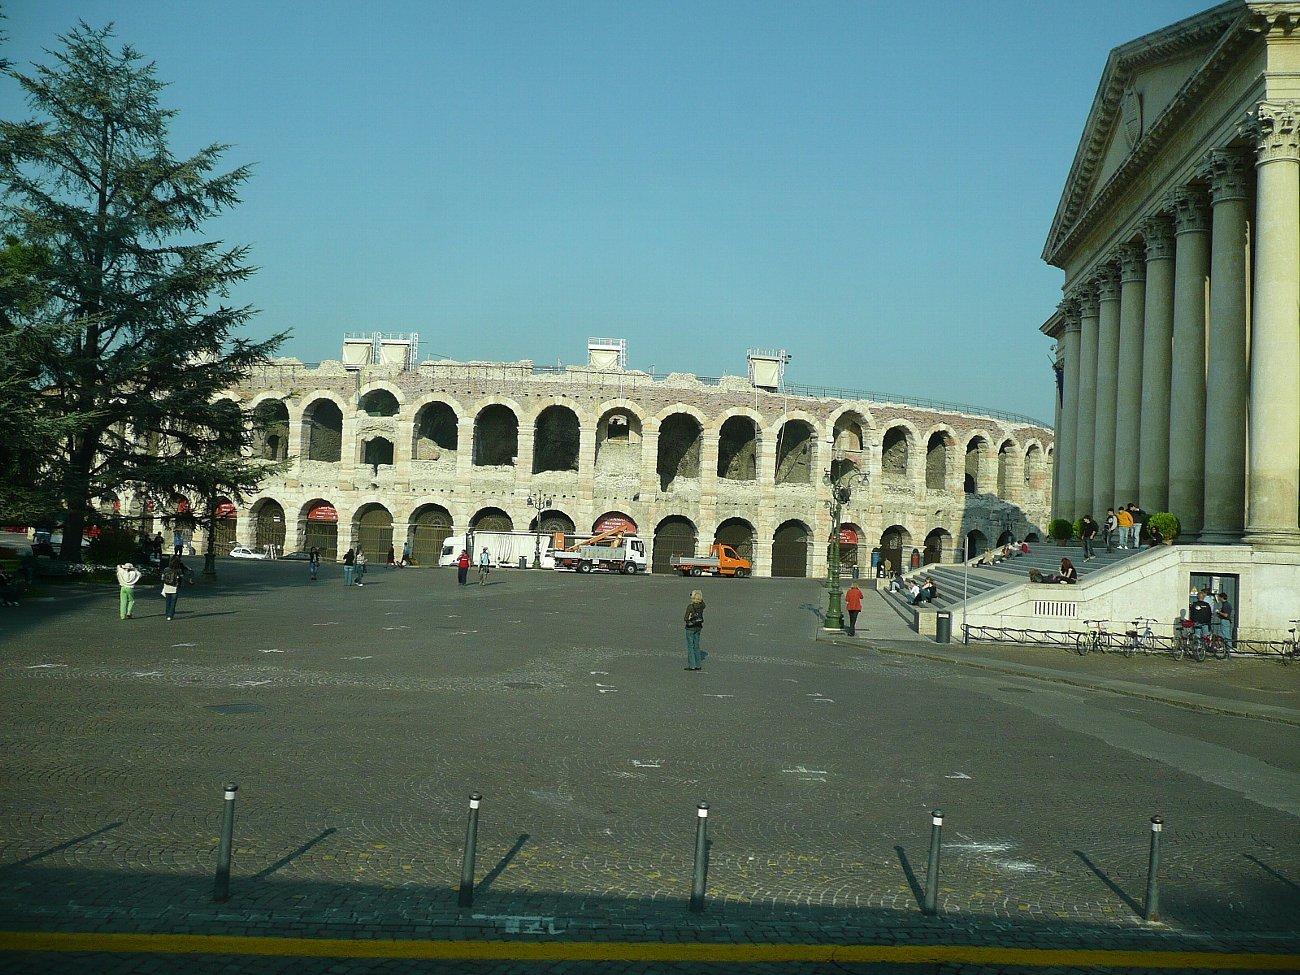 ヴェローナ円形競技場 : レトロな建物を訪ねて